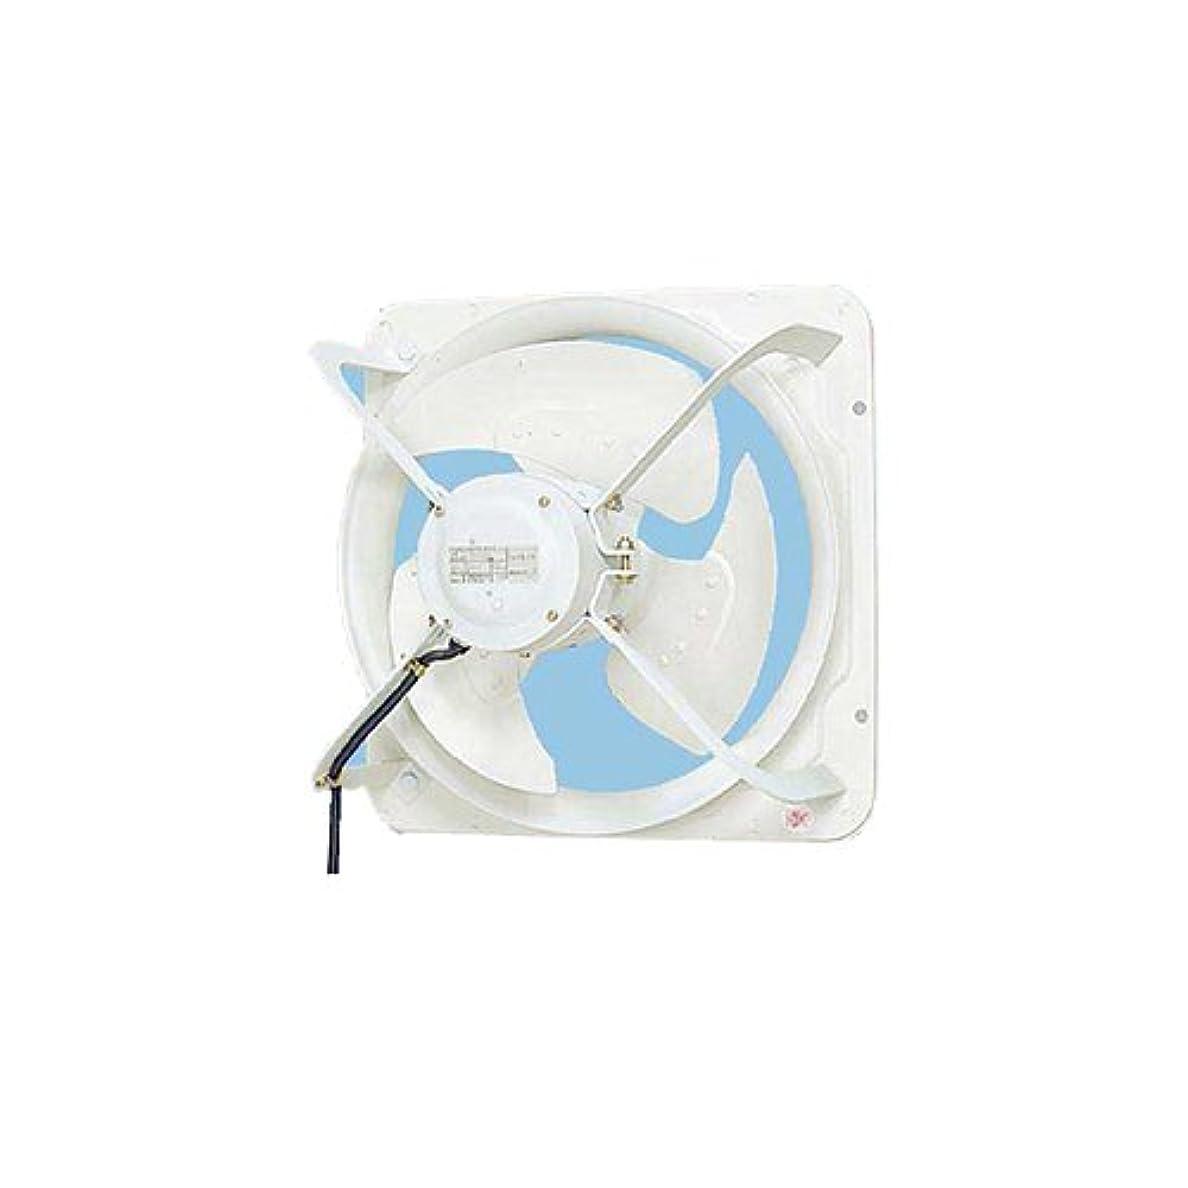 虫将来の忠実Panasonic 換気扇 FY-50KTV3 有圧換気扇 標準40CM以上三相